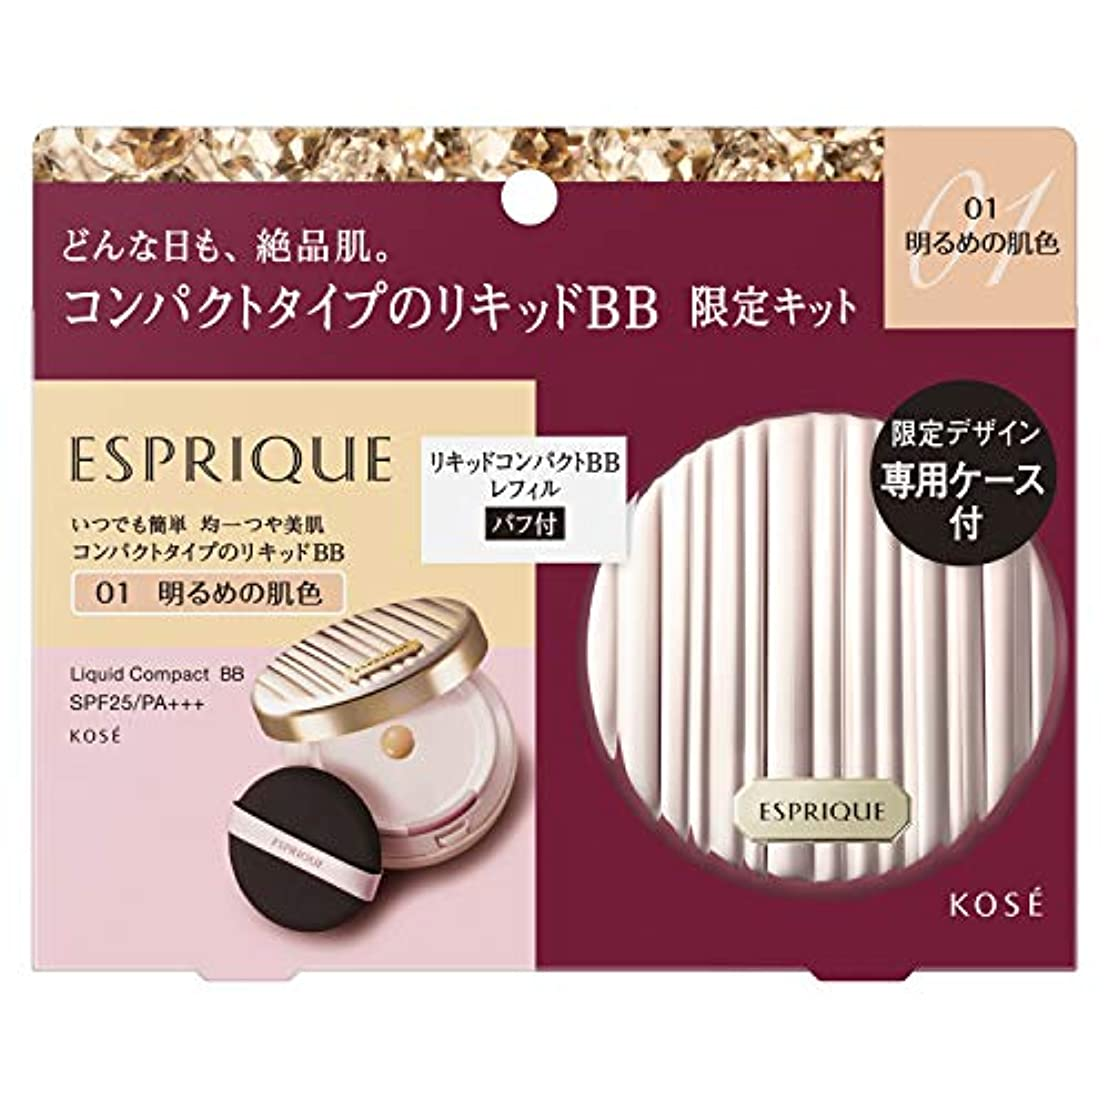 乱用義務的転送ESPRIQUE(エスプリーク) エスプリーク リキッド コンパクト BB 限定キット 2 BBクリーム 01 明るめの肌色 セット 13g+ケース付き